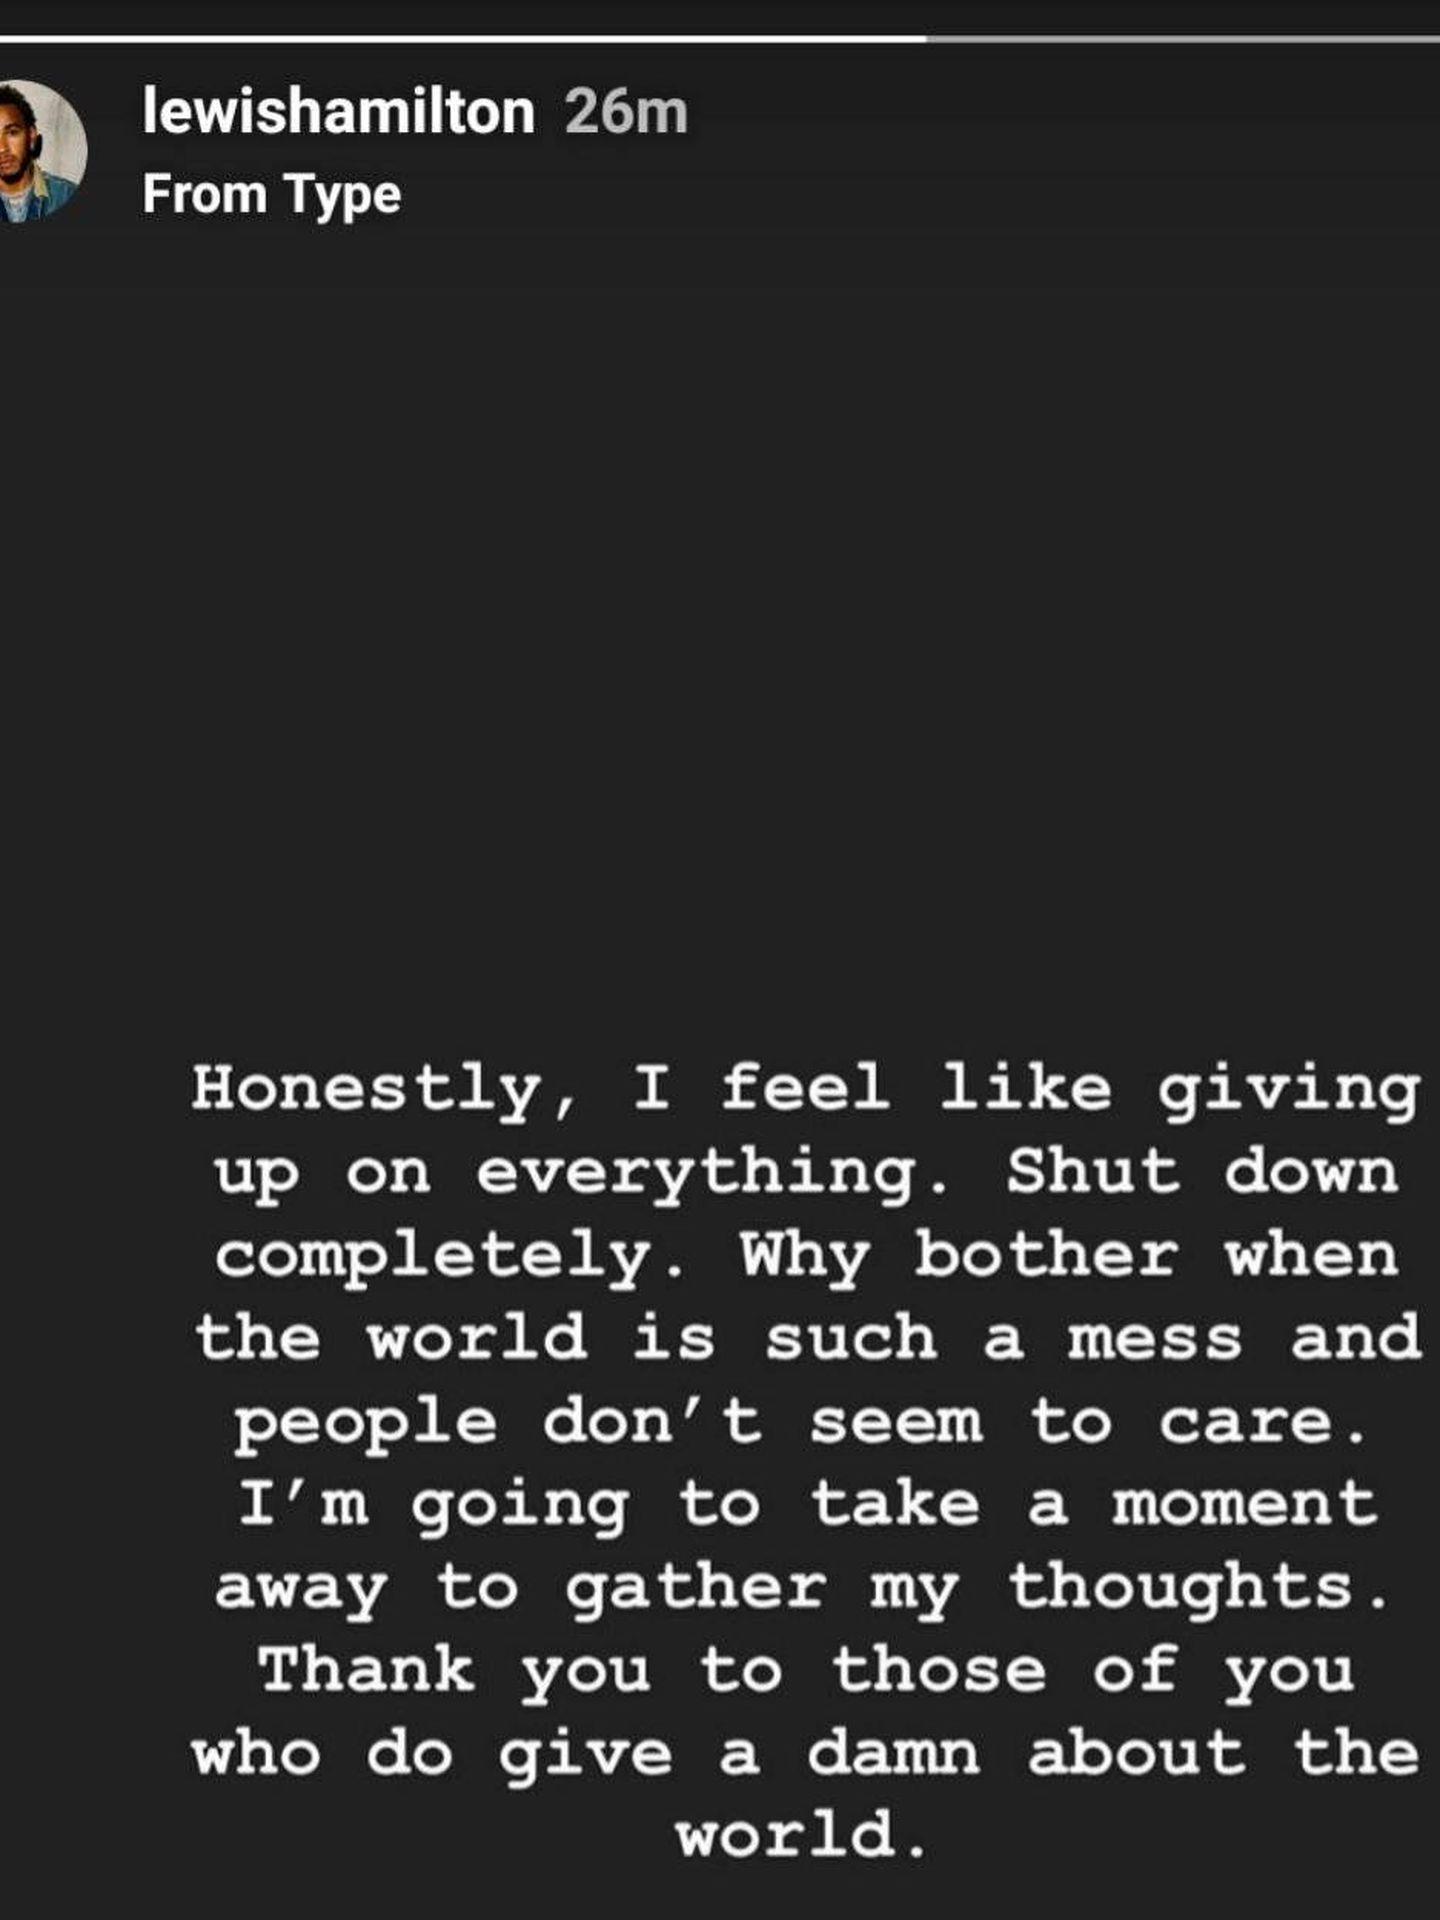 Lewis Hamilton y su mensaje en Instagram.